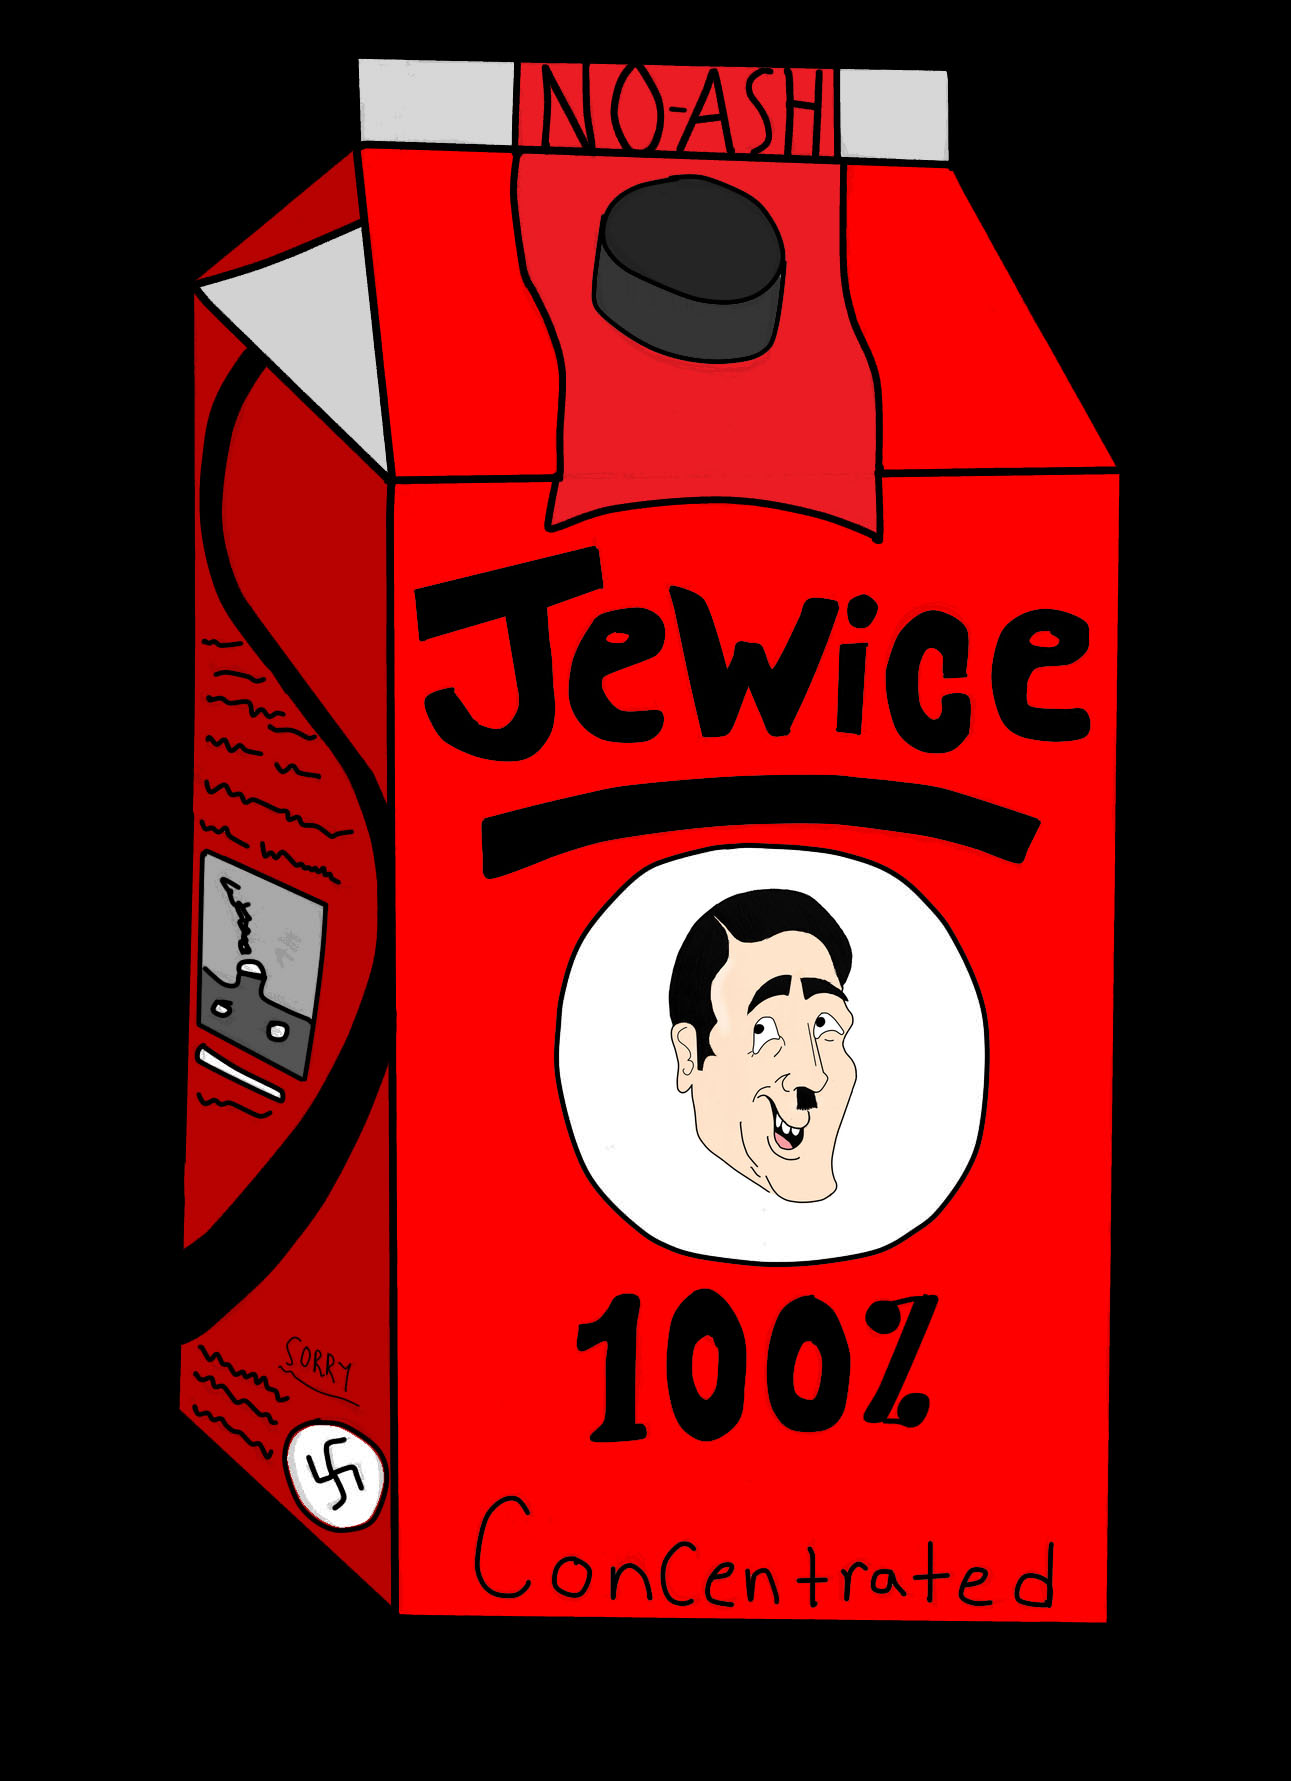 Jewice (Read Description)